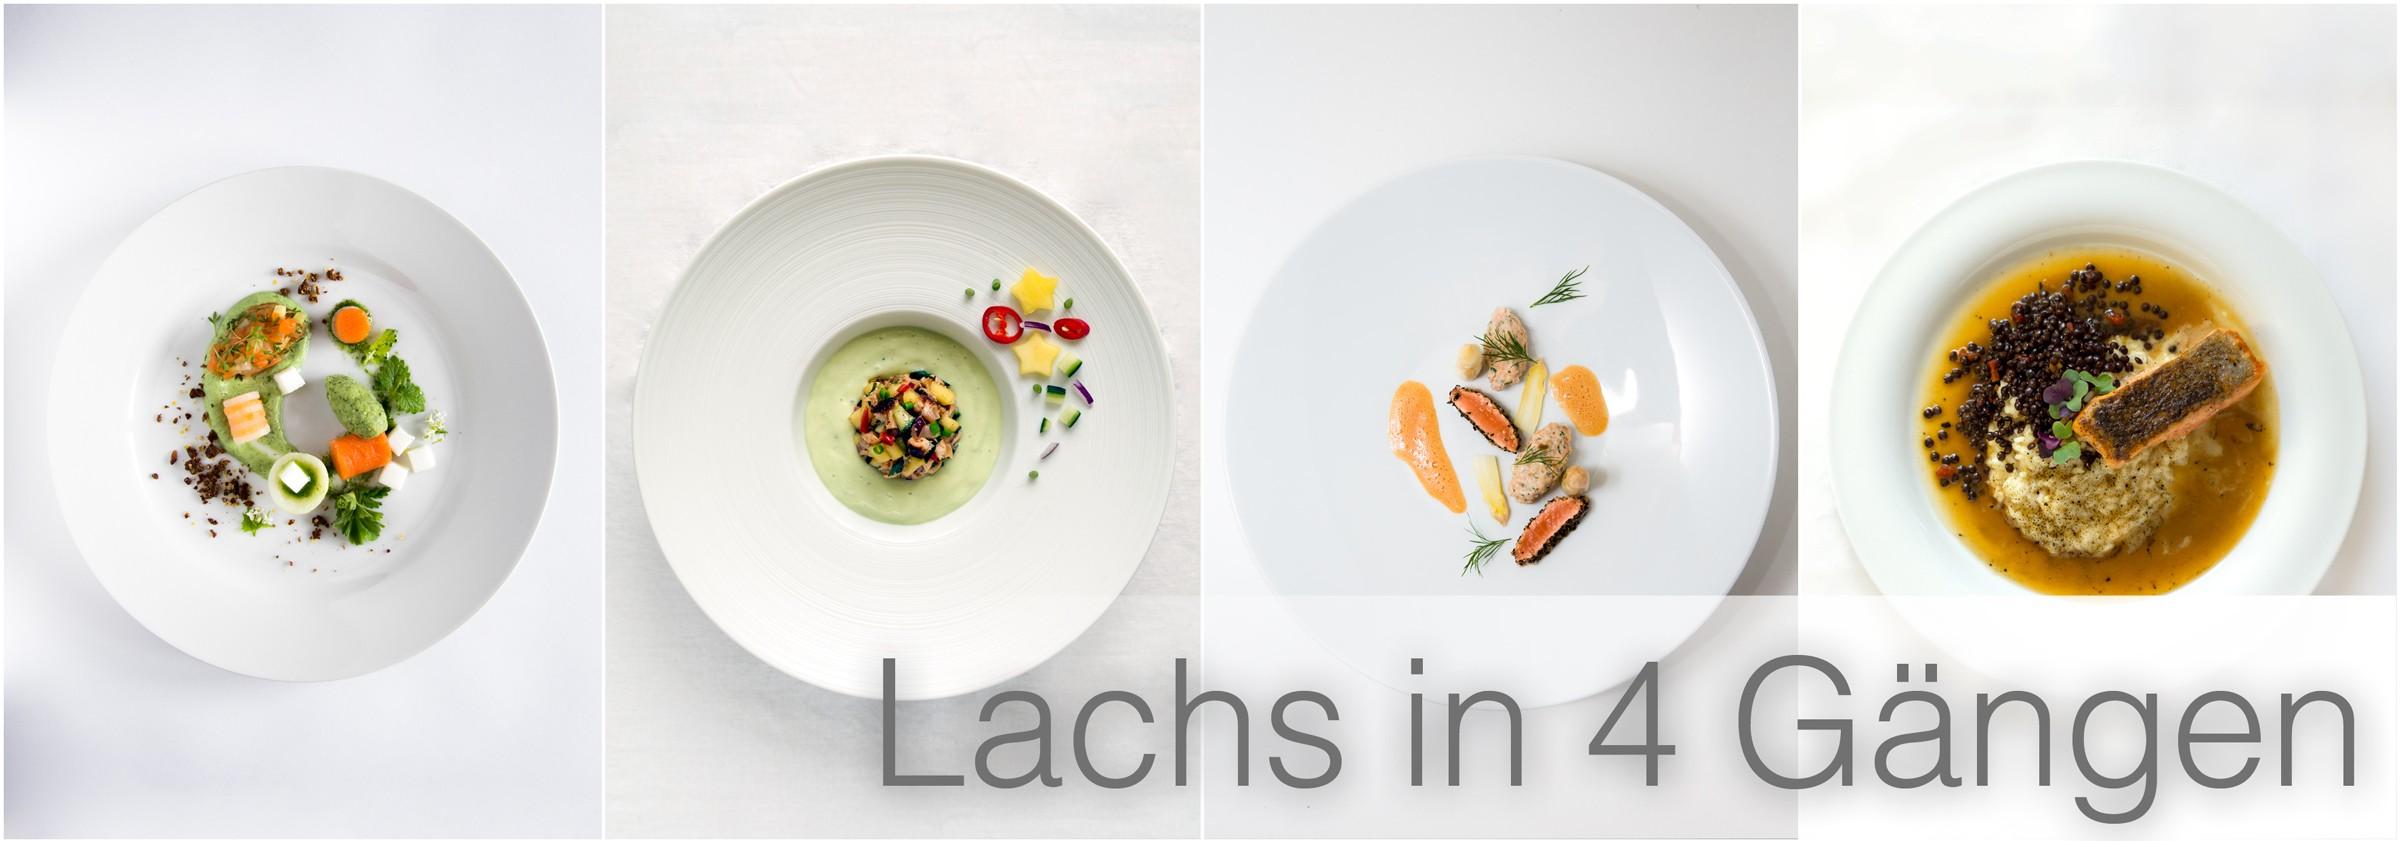 Lachs-in-4-Gängen-4